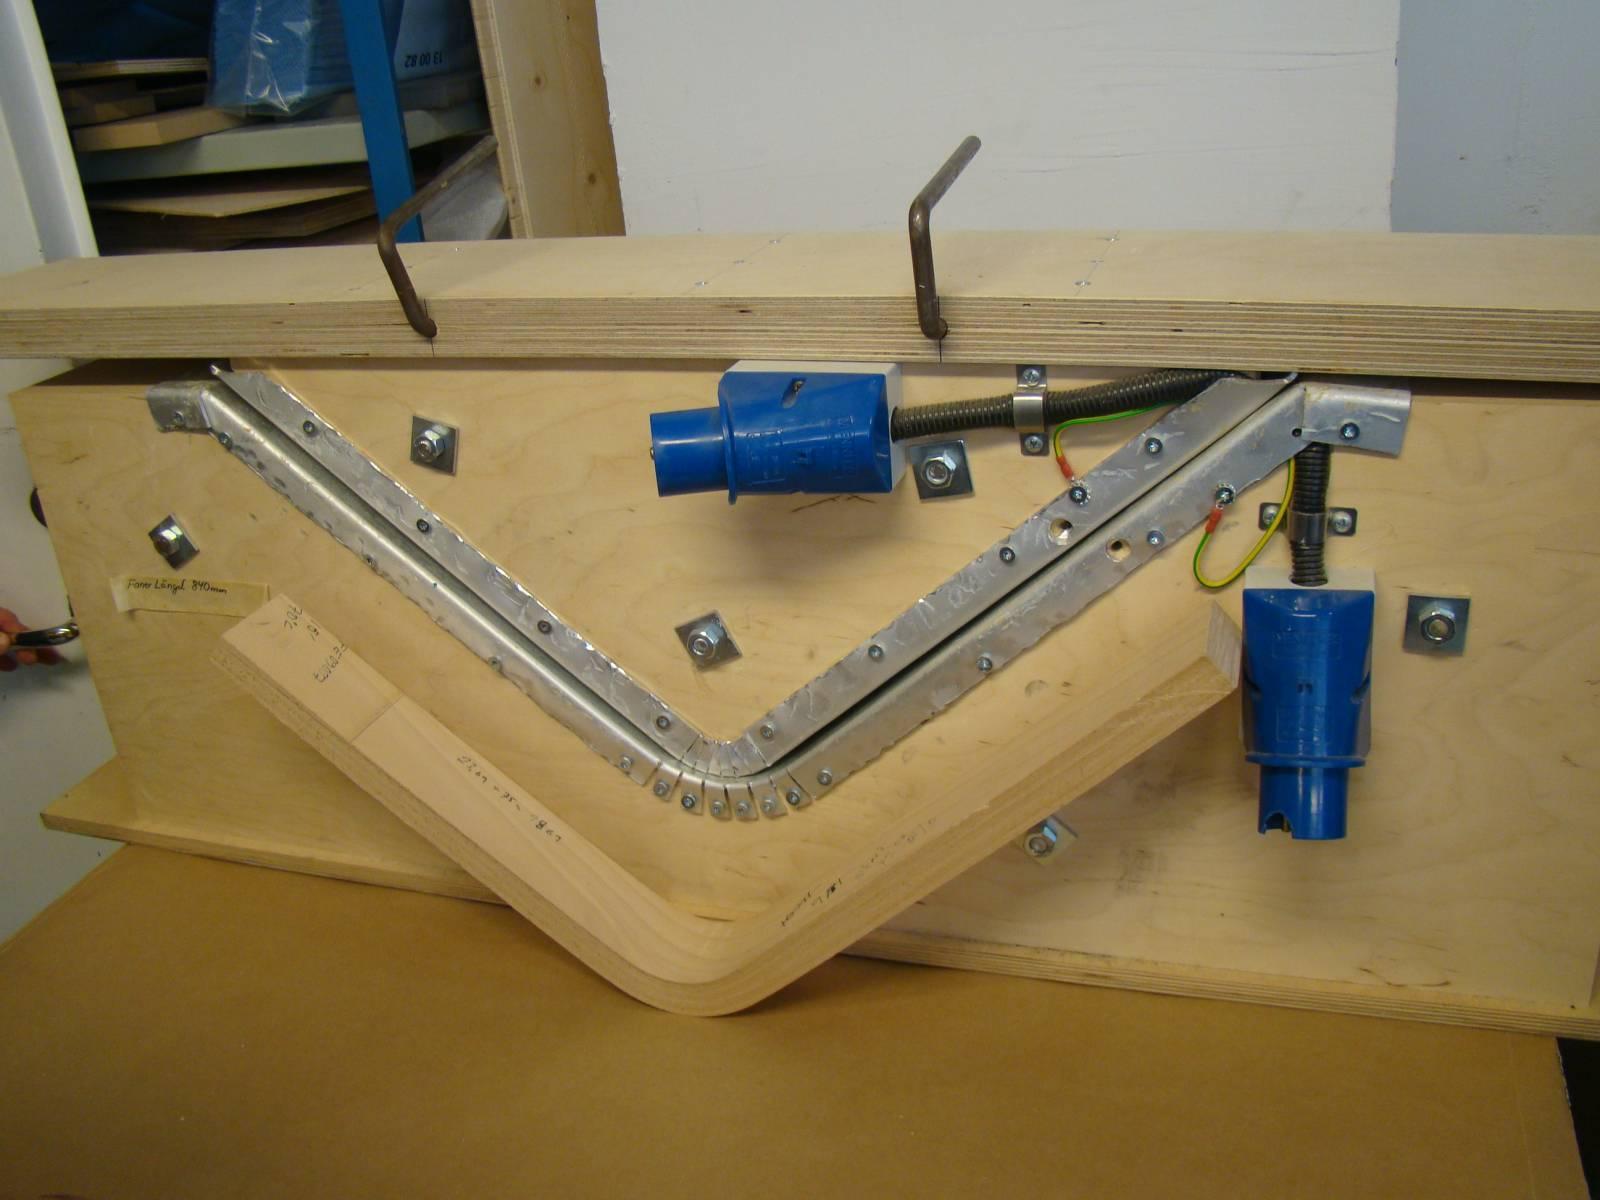 пресс форма для изготовления технопланктона своими руками